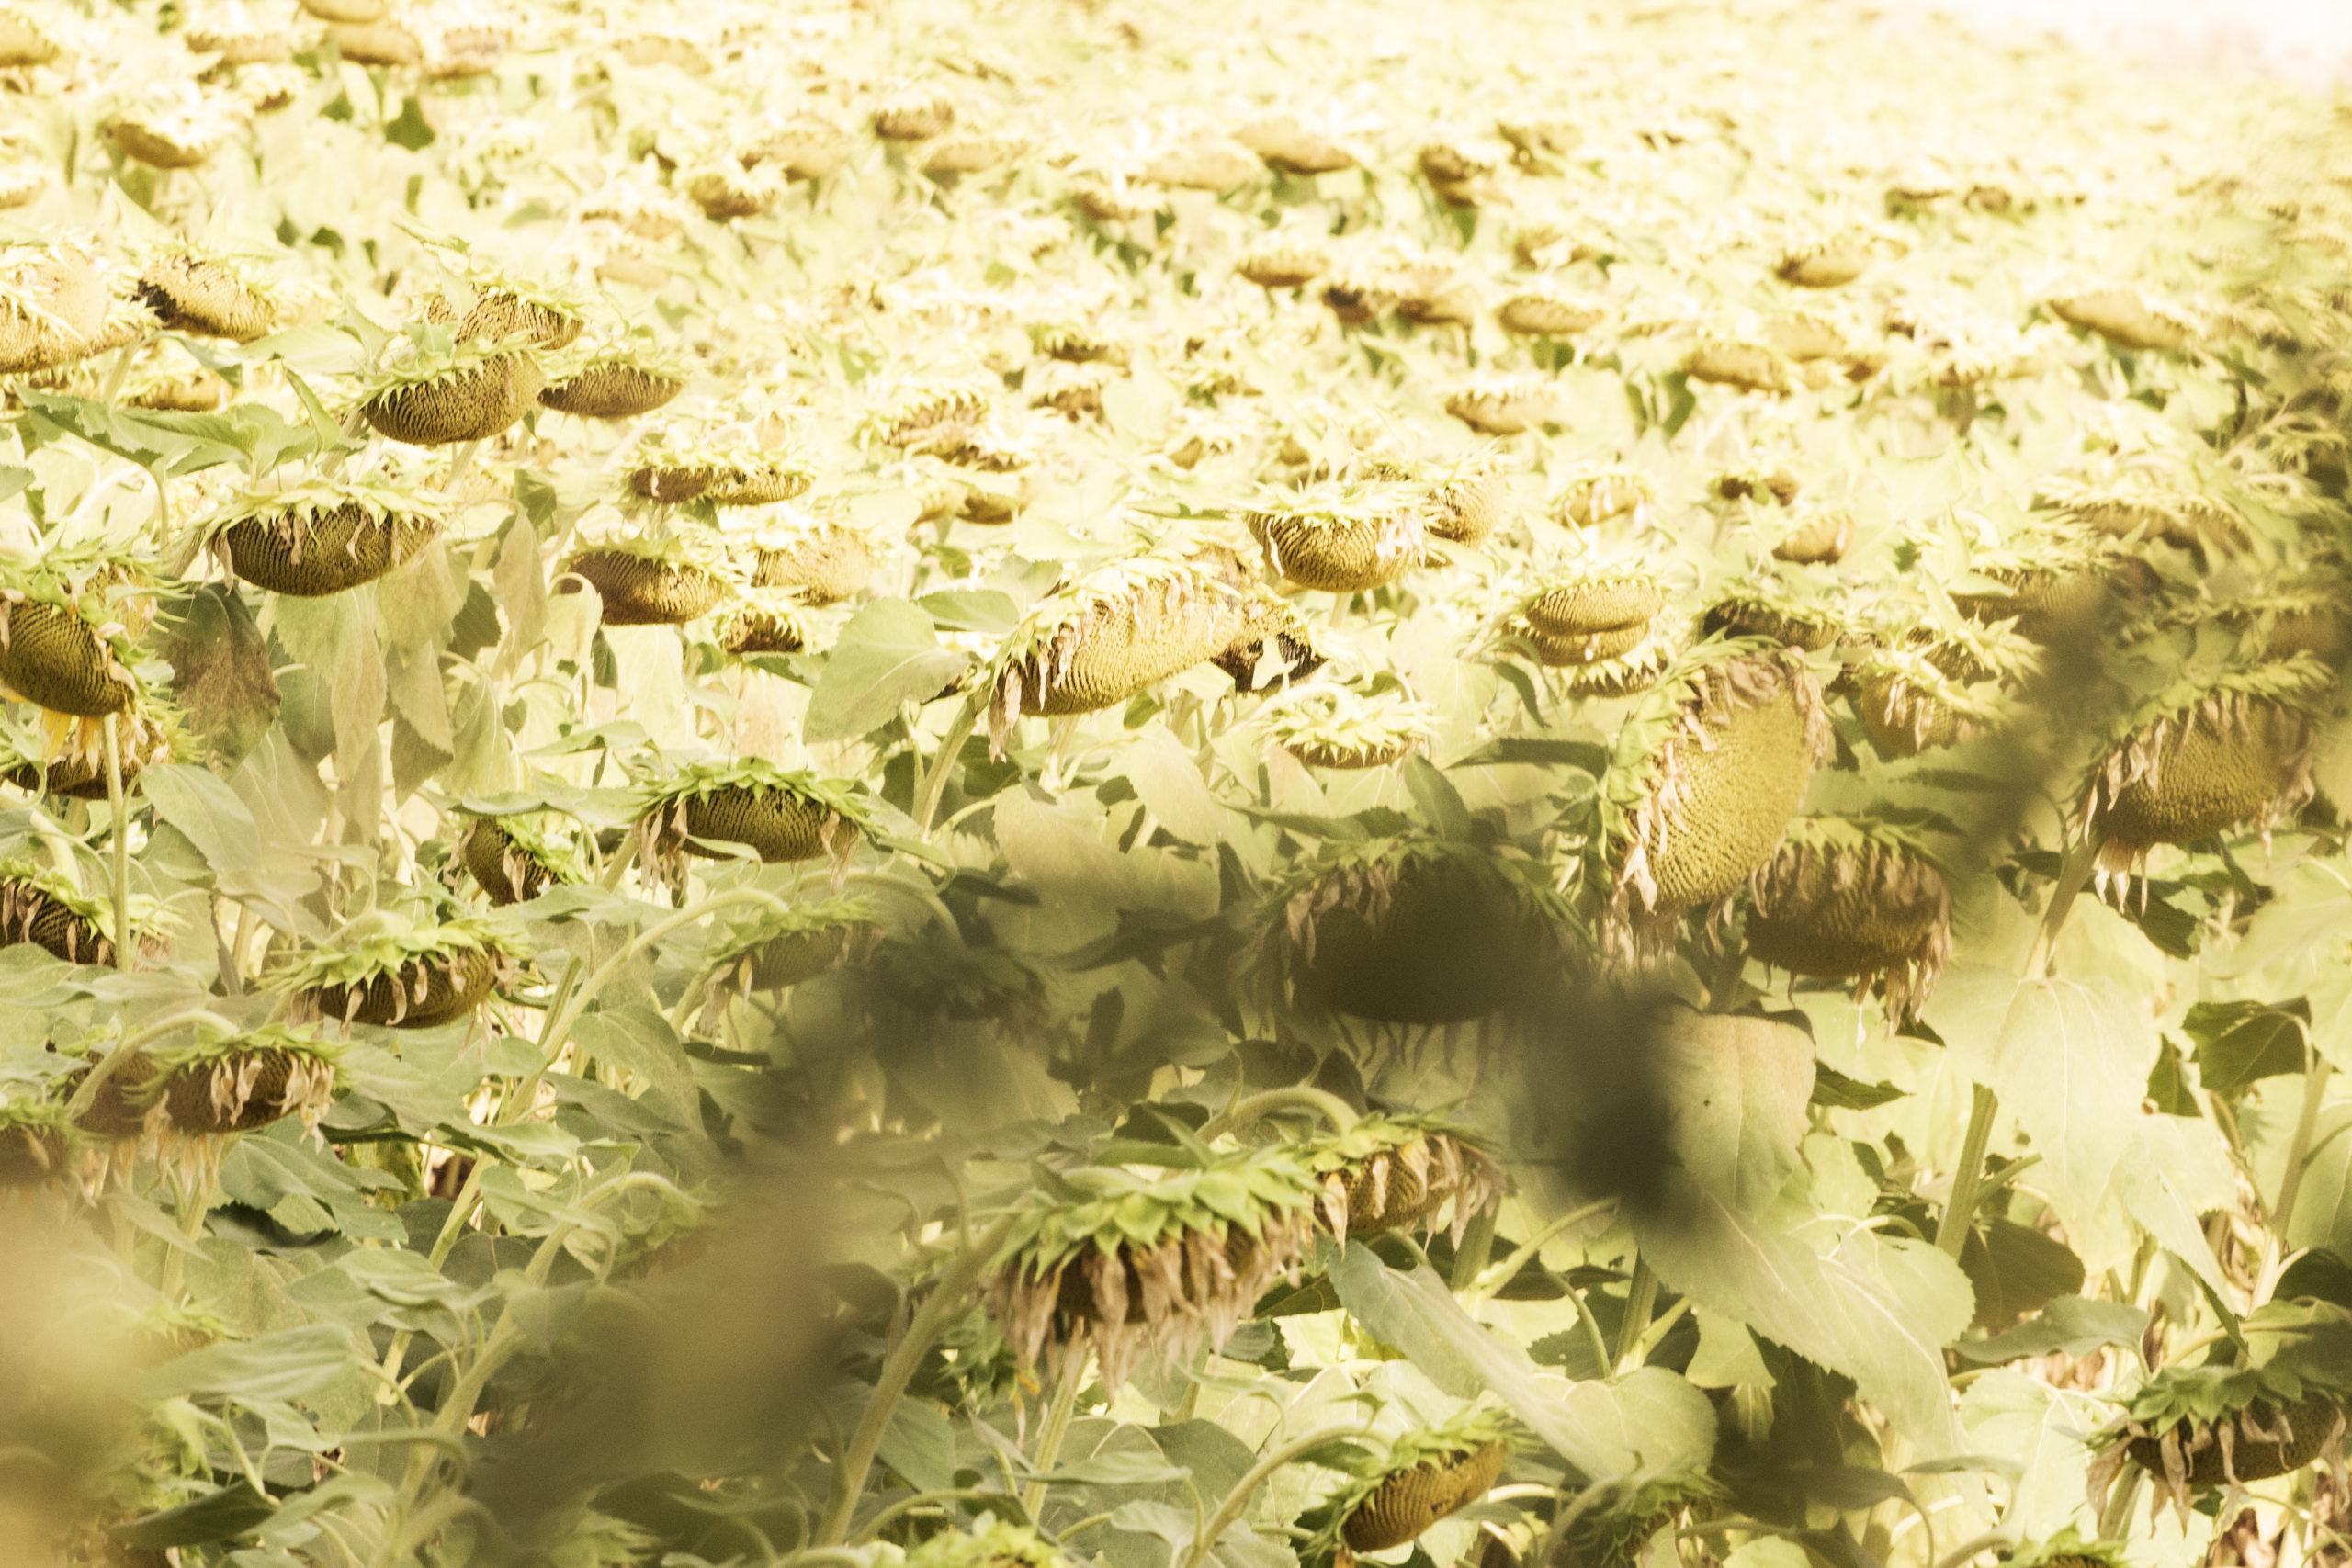 Campo de girasoles. Fotografía de Bea Seixas. Naturaleza y mundo rural de Girona (Cataluña)